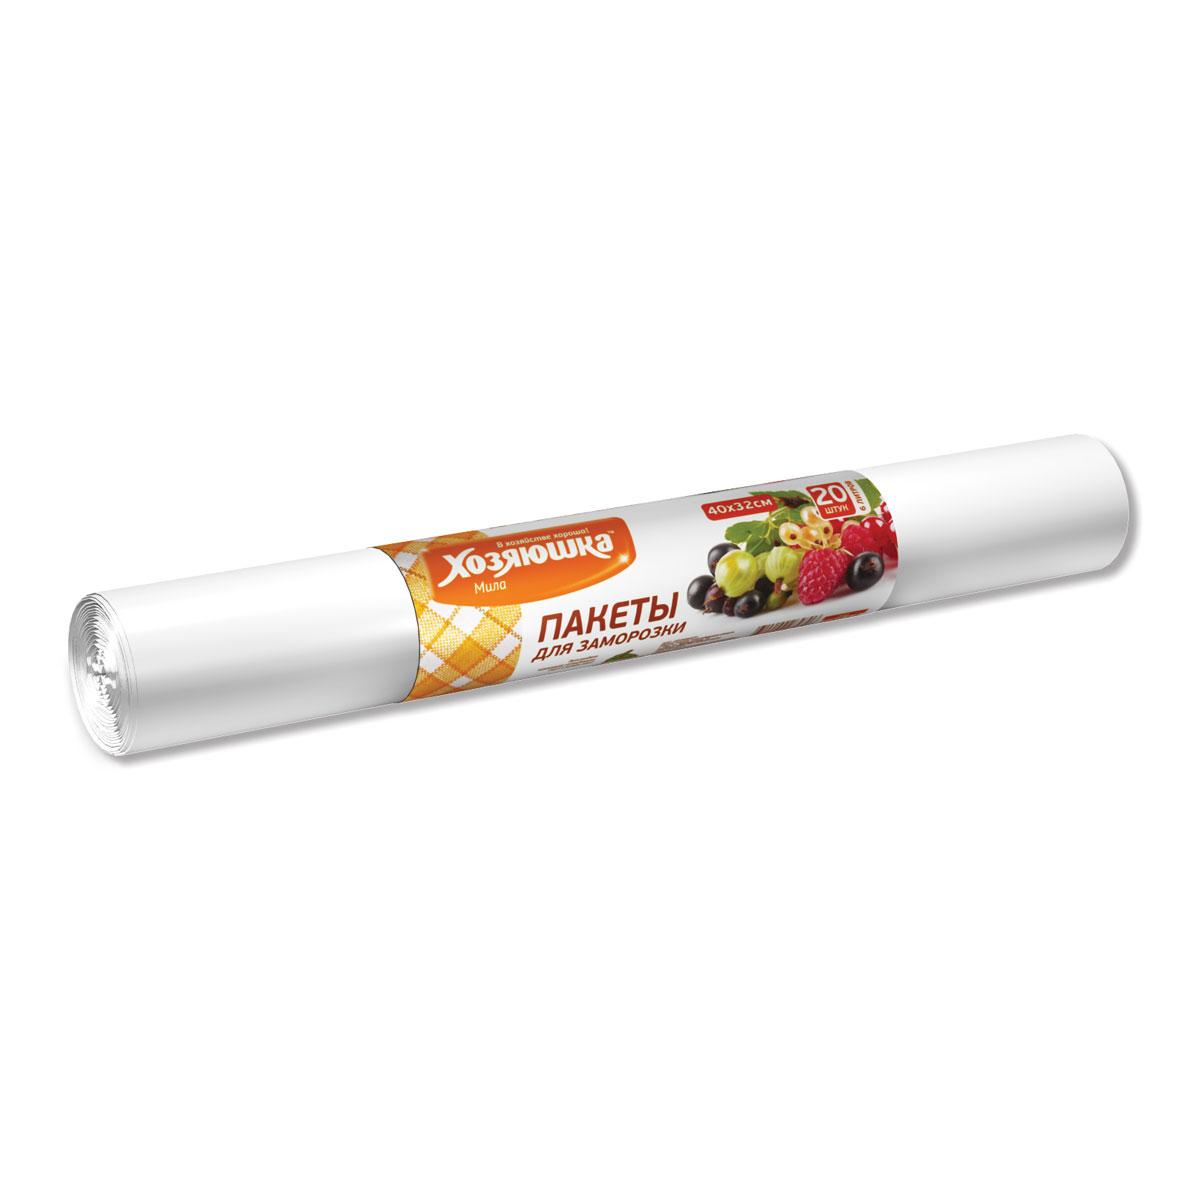 Пакеты для замораживания и хранения Хозяюшка Мила, 6 л, 20 шт115510Пакеты Хозяюшка Мила предназначены для хранения и замораживания продуктов. Также их можно использовать для хранения сыпучих продуктов и мелких предметов.Пакеты для замораживания продуктов изготавливаются из высококачественного полиэтилена низкого давления. Выдерживают температуру от -400С до +1150С и могут использоваться не только для замораживания, но также для разогрева, хранения продуктов. Охлаждённые или замороженные продукты можно разогревать / размораживать в микроволновой печи, не вынимая из пакета. Замороженные продукты не прилипают к пакету.